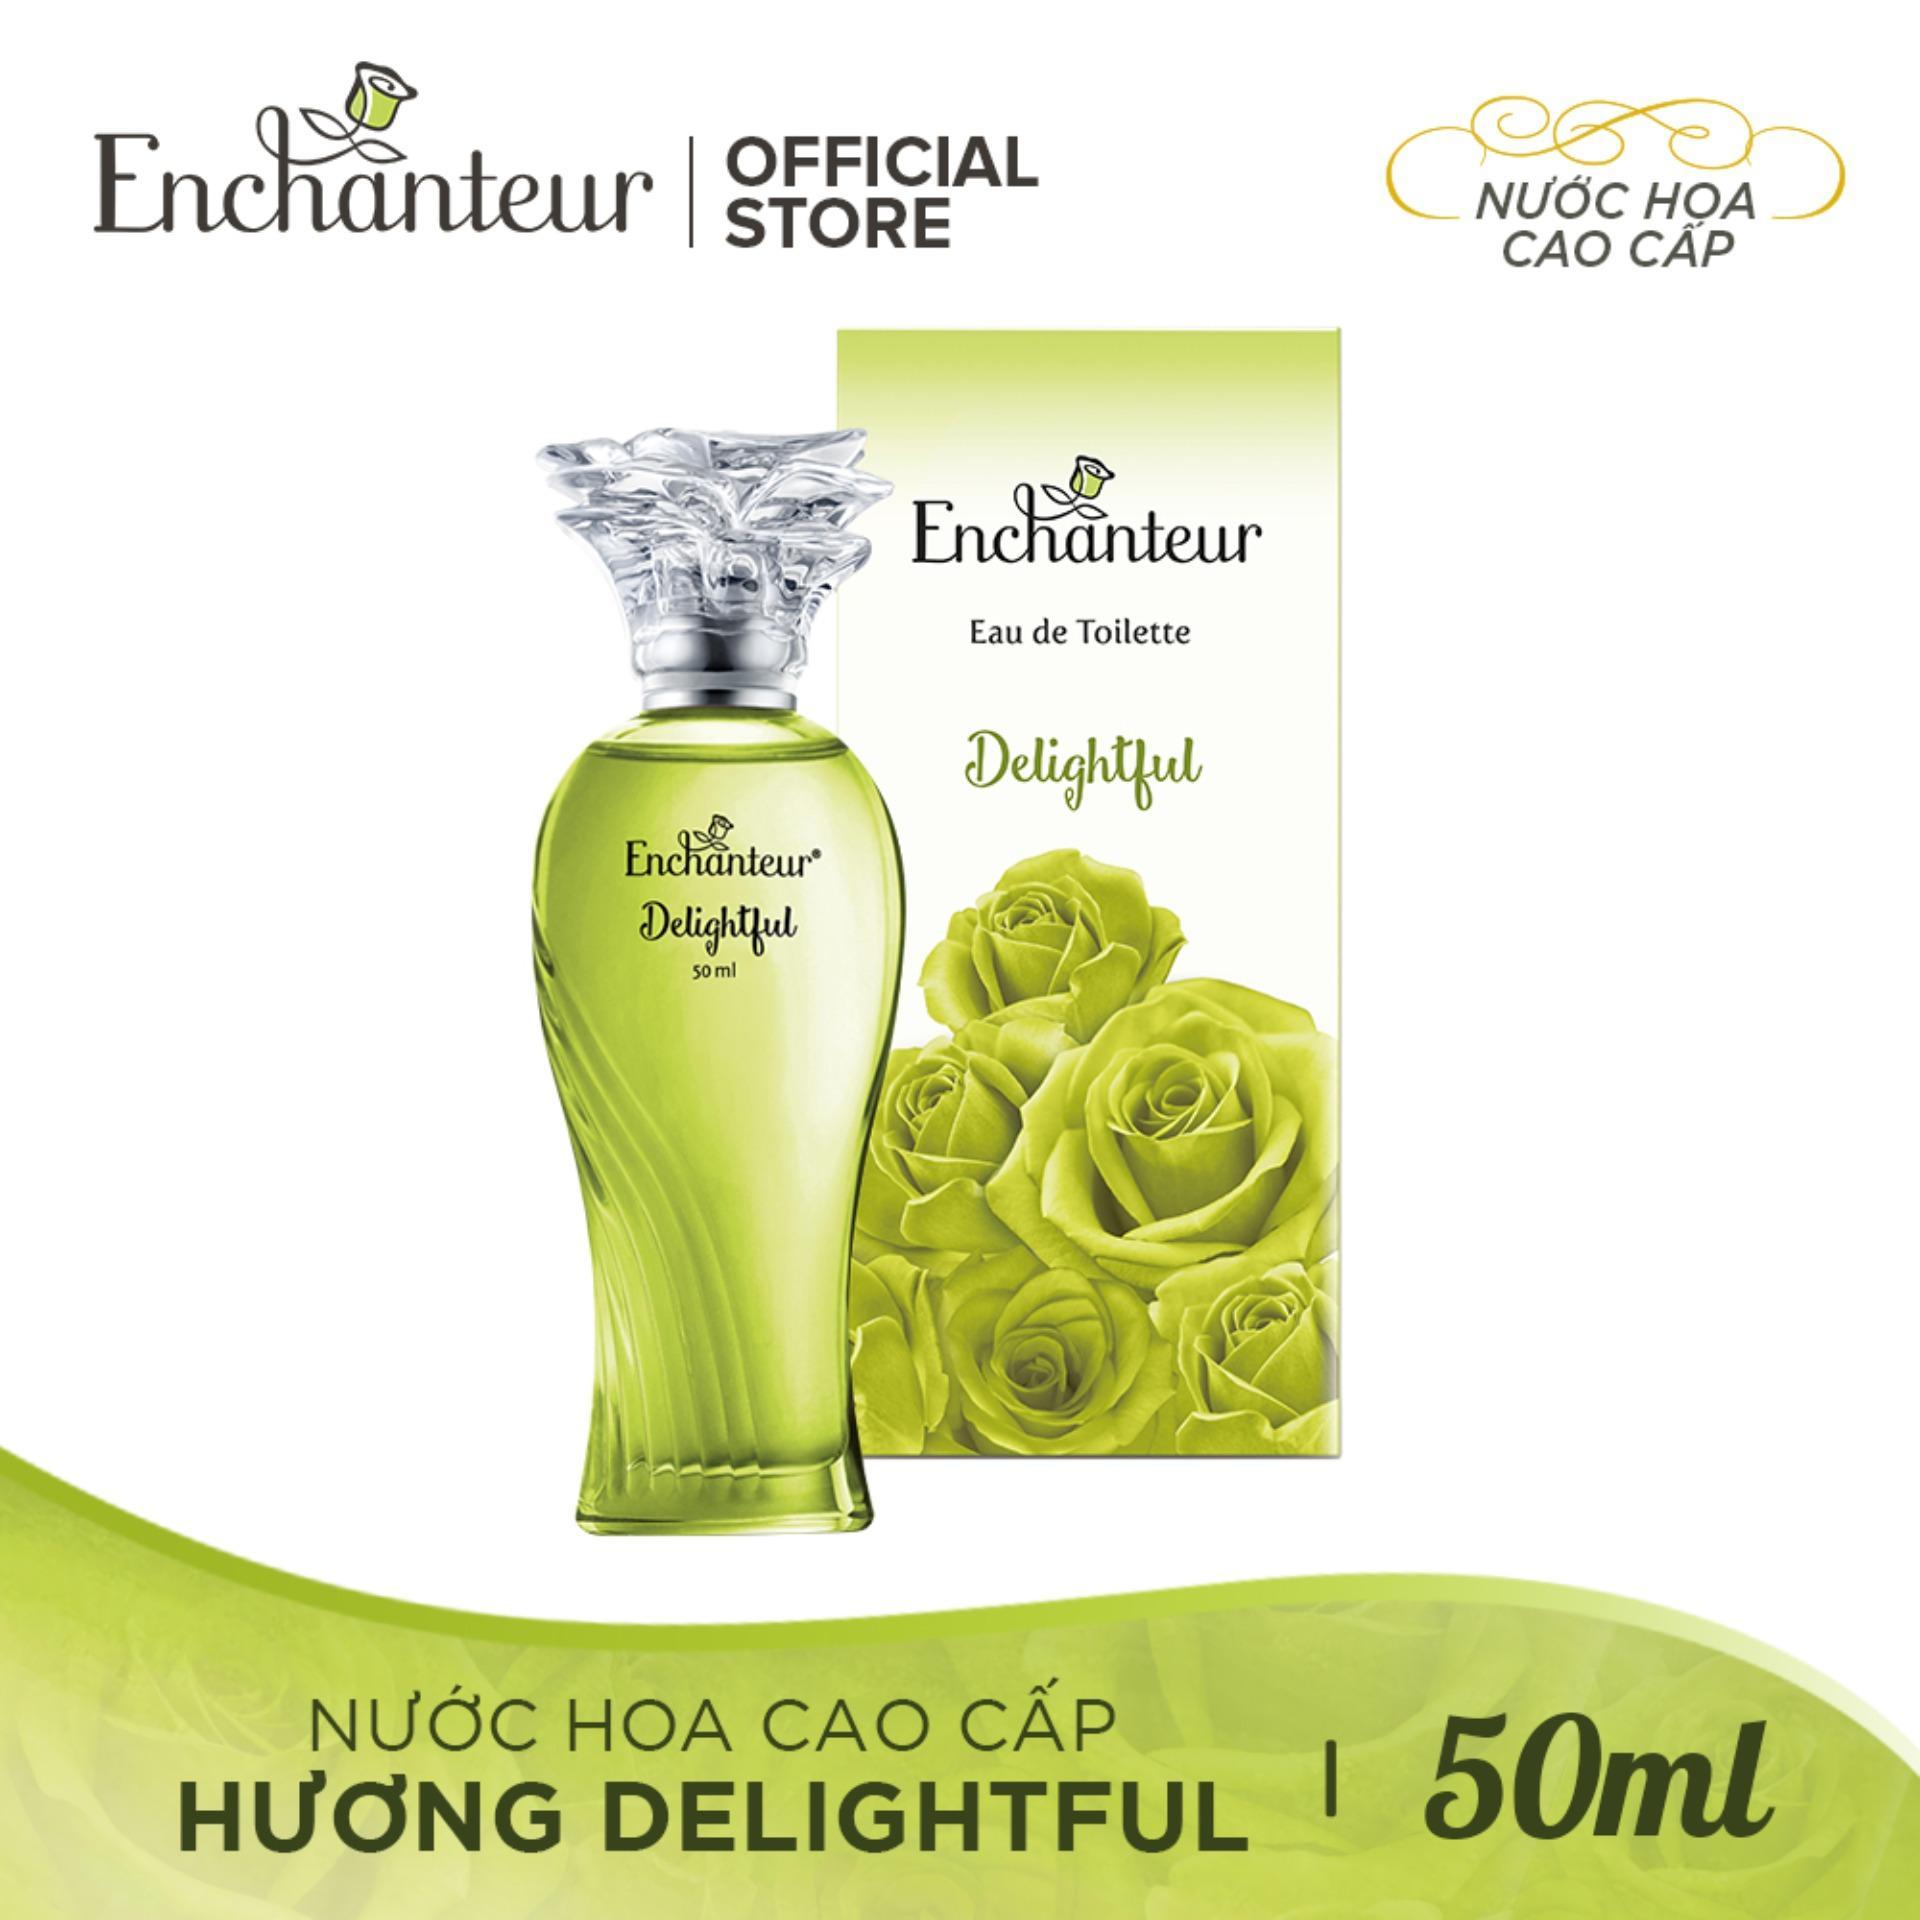 Enchanteur nước hoa cao cấp Delightful 50ml